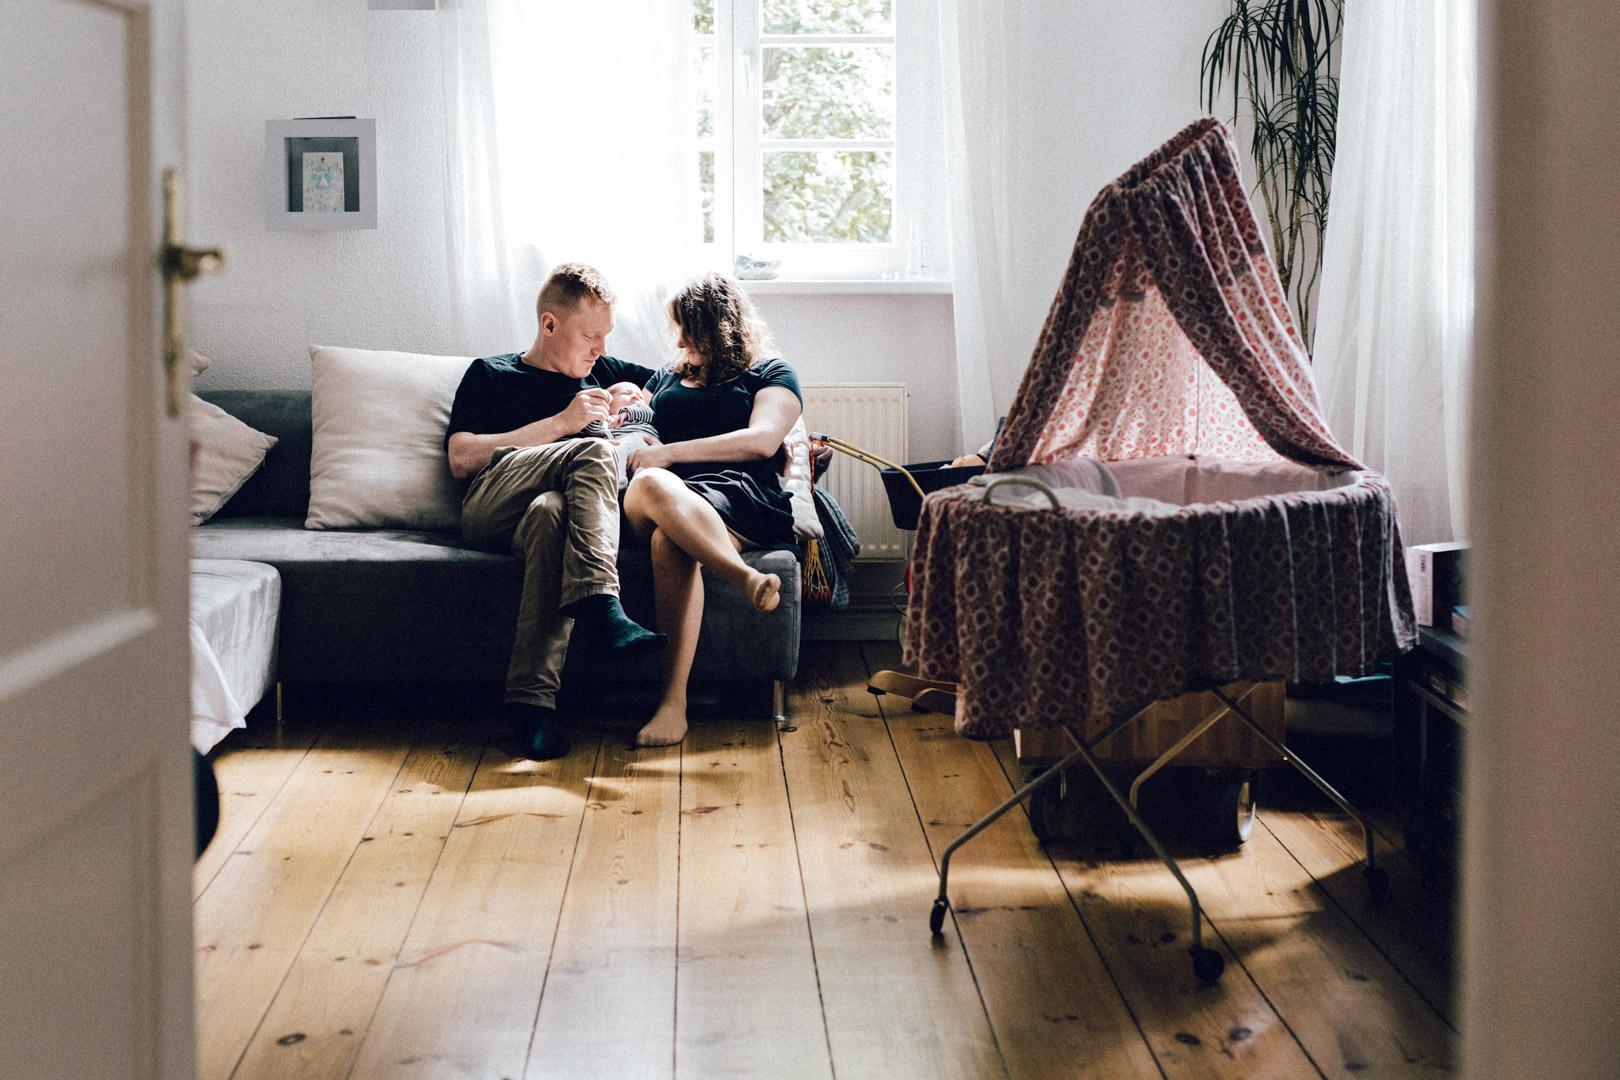 Familienreportage Neugeborenenfotos Berlin: Paar sitzt mit Baby auf Couch in Berlin-Wedding. Daneben: Stubenwagen